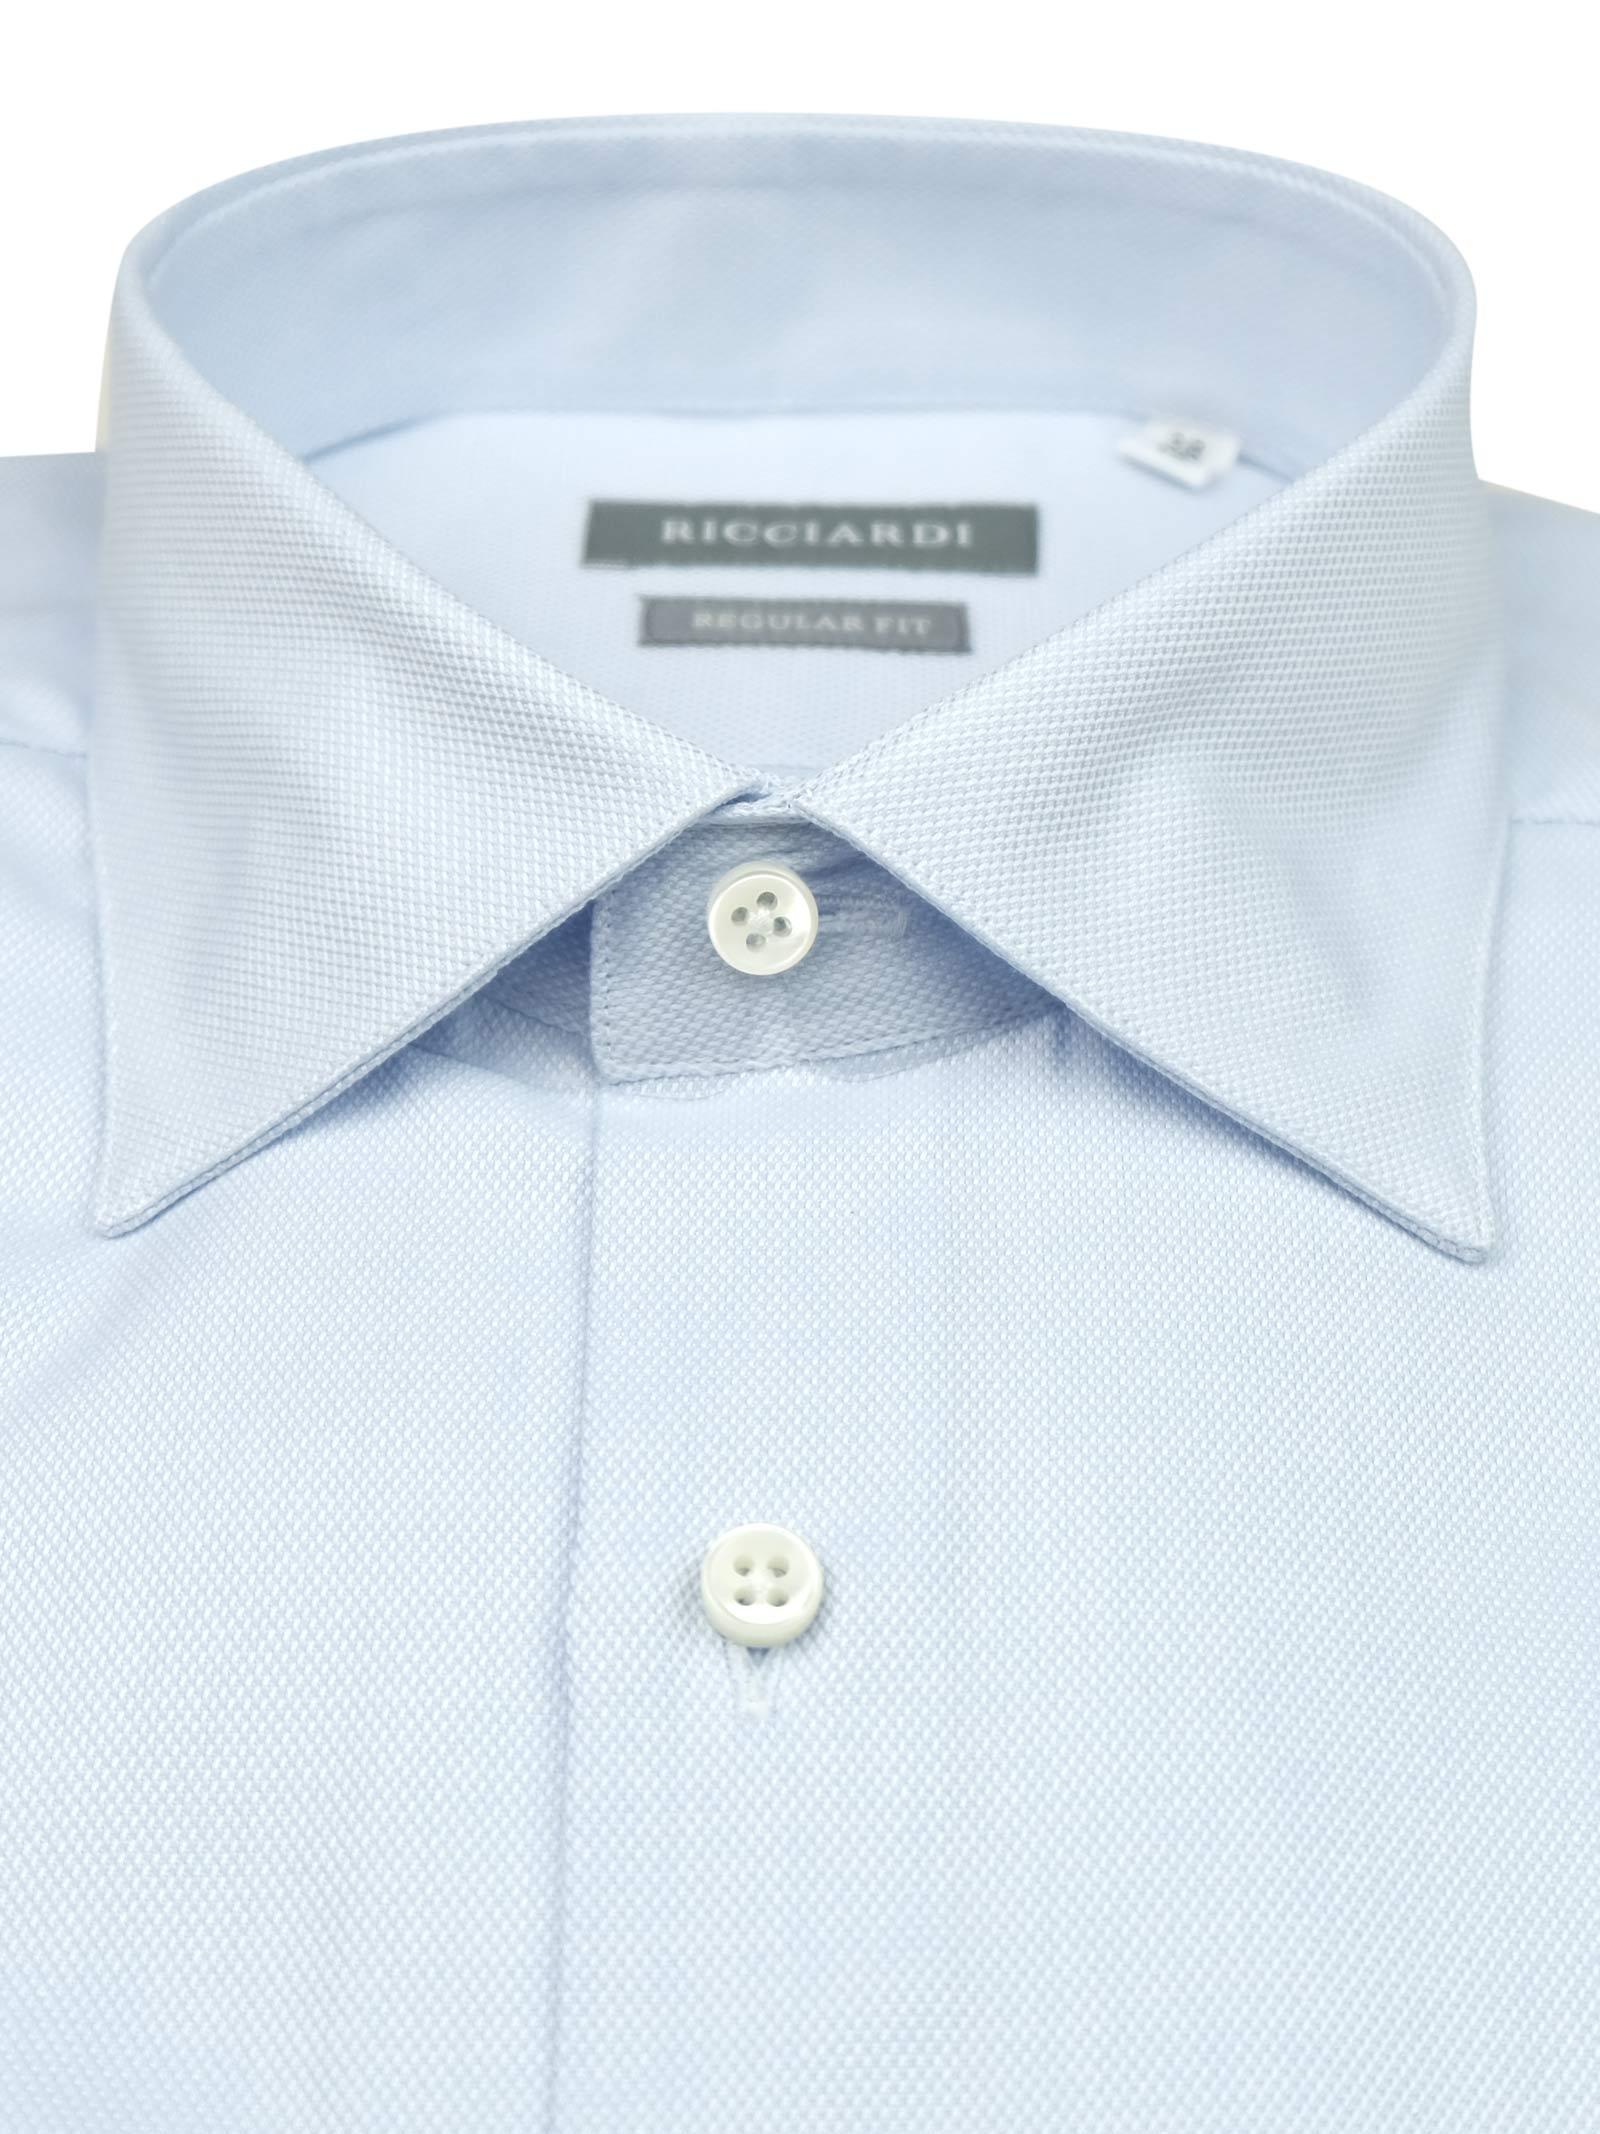 RICCIARDI | Shirts | AREDR029